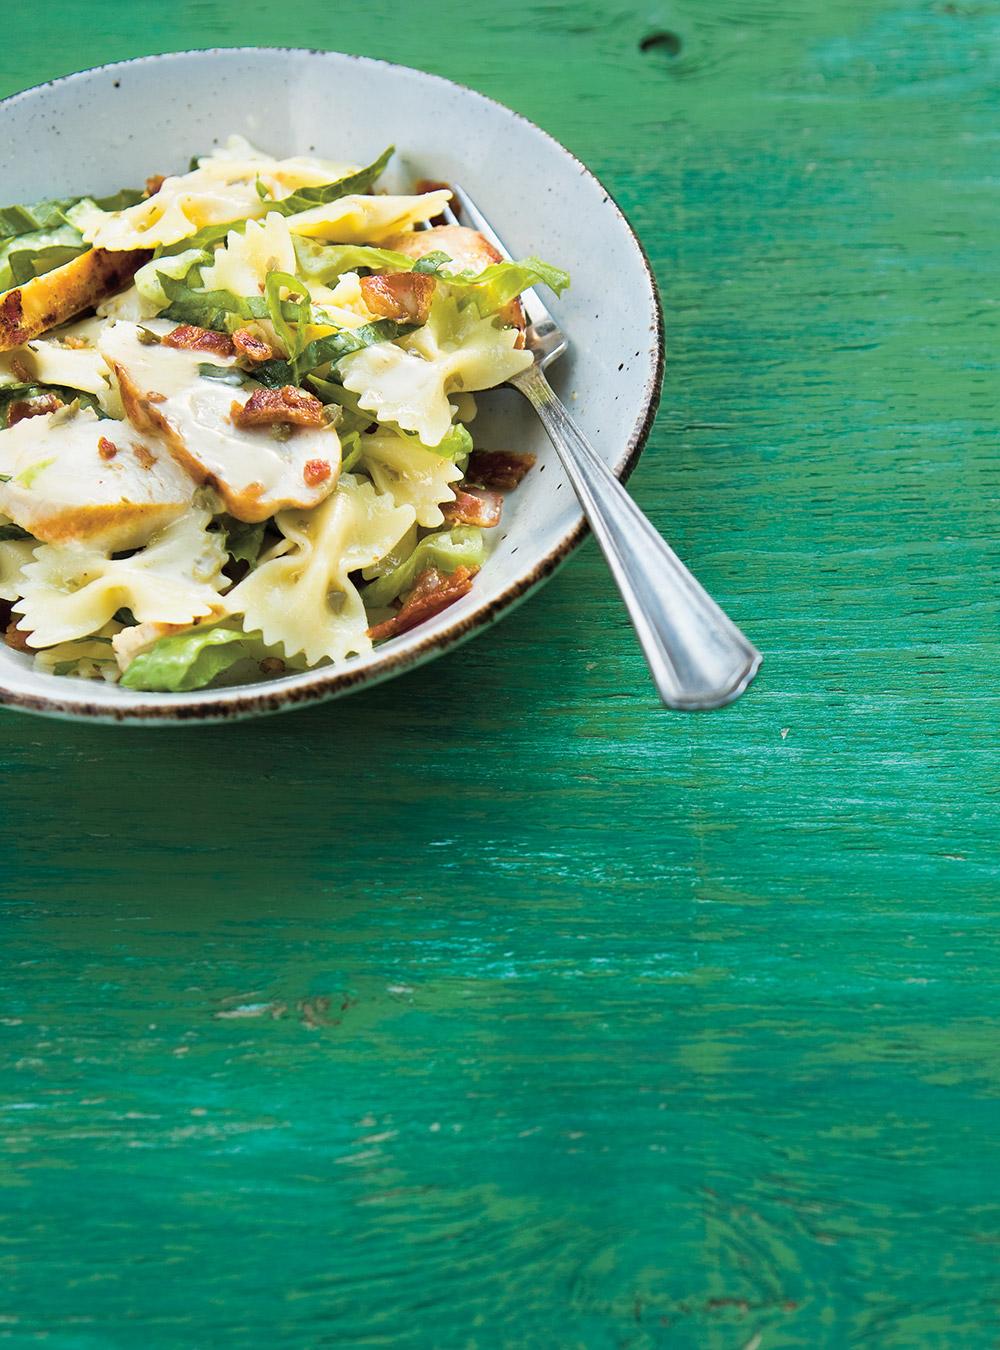 Salade de pâtes au poulet à la césar | ricardo